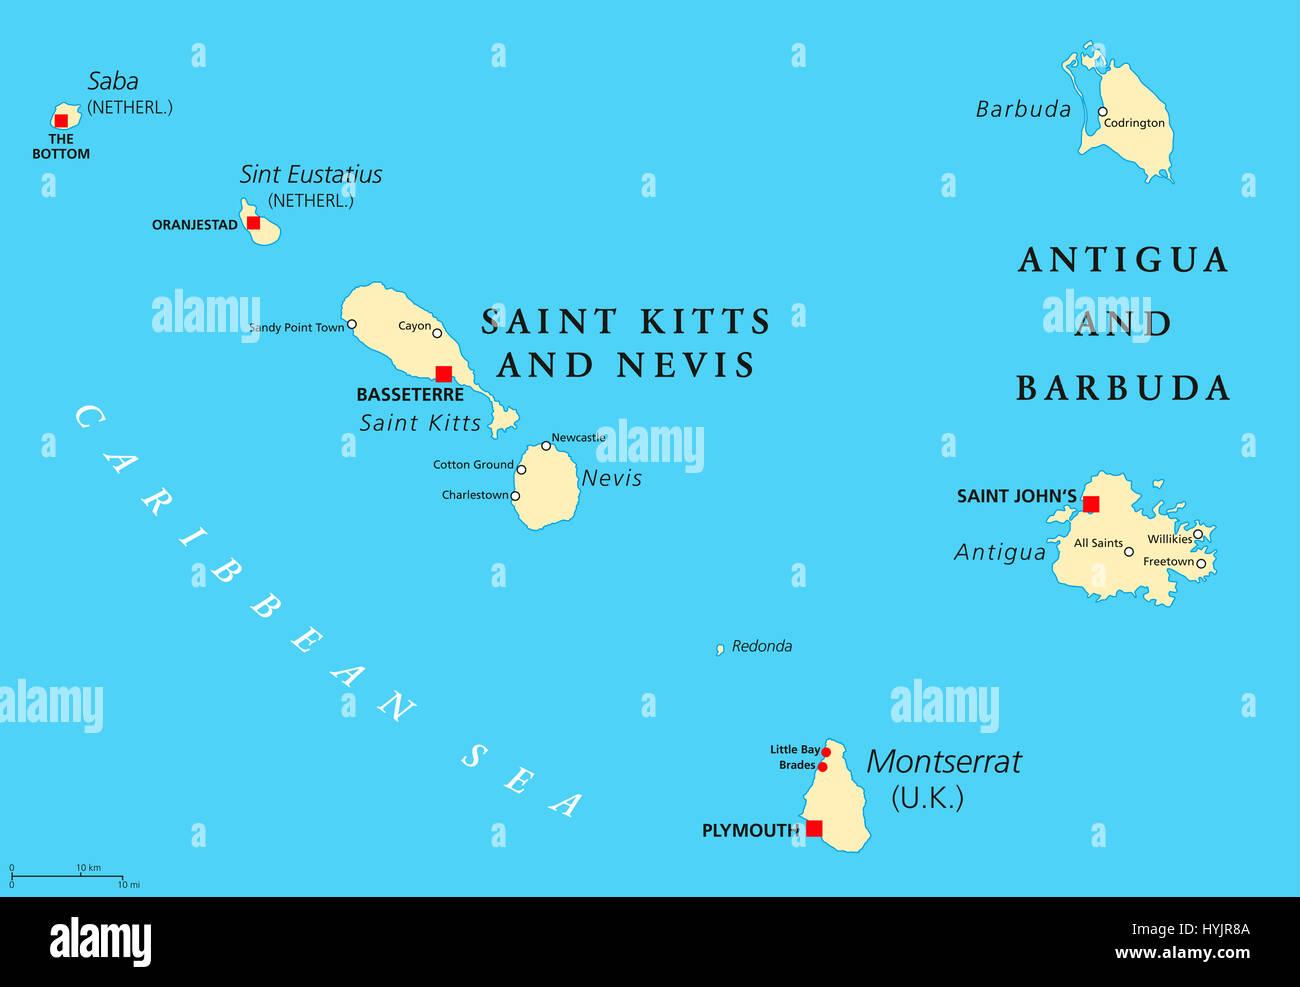 Cartina Politica Dei Caraibi.Cartography Plymouth Immagini Cartography Plymouth Fotos Stock